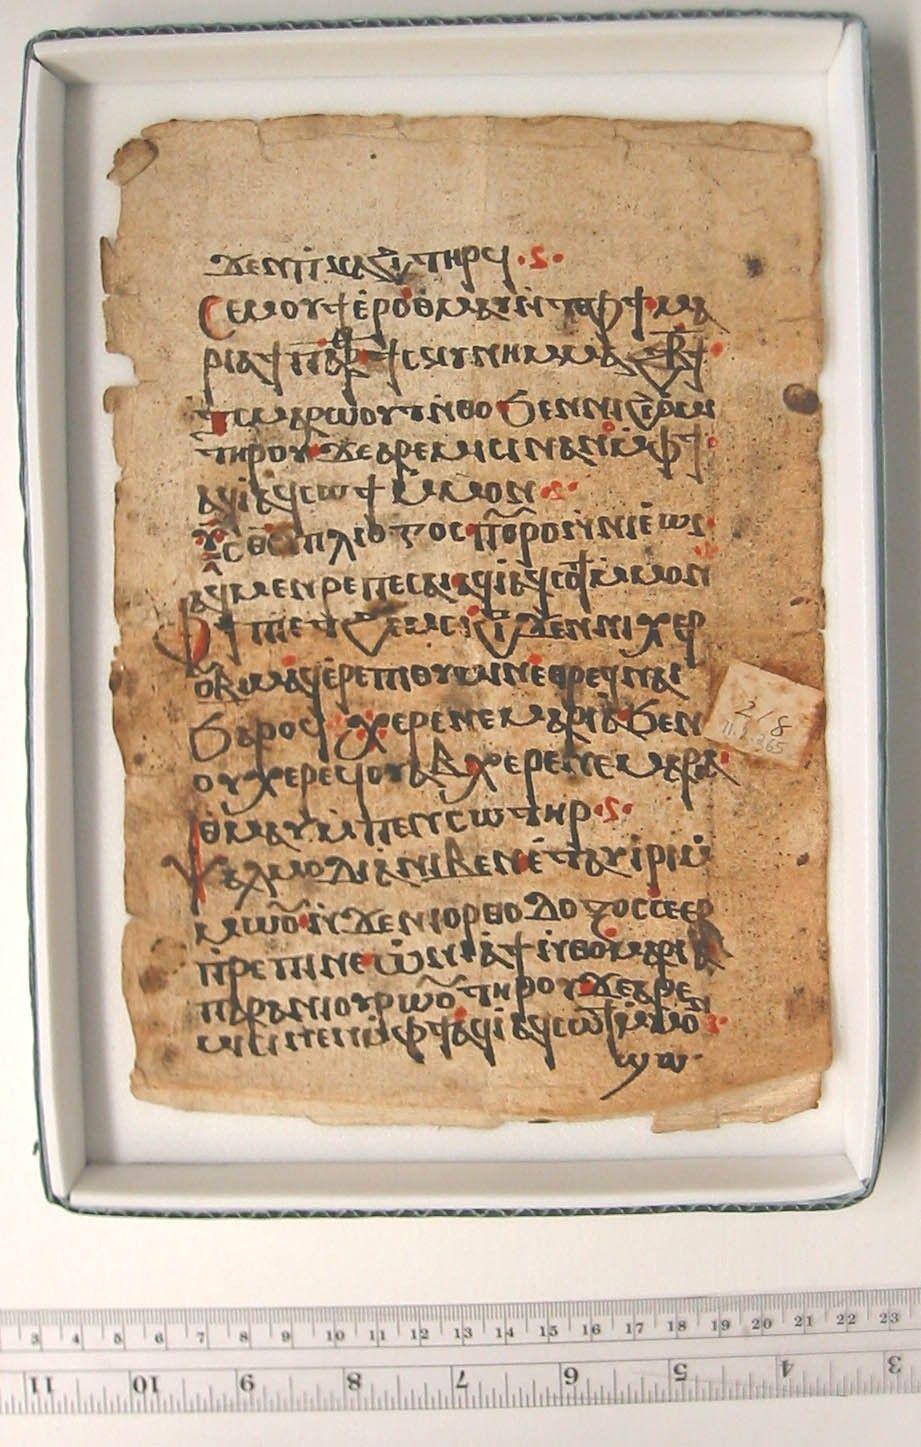 coptic manuscript written on paper 712265 httpswwwlib